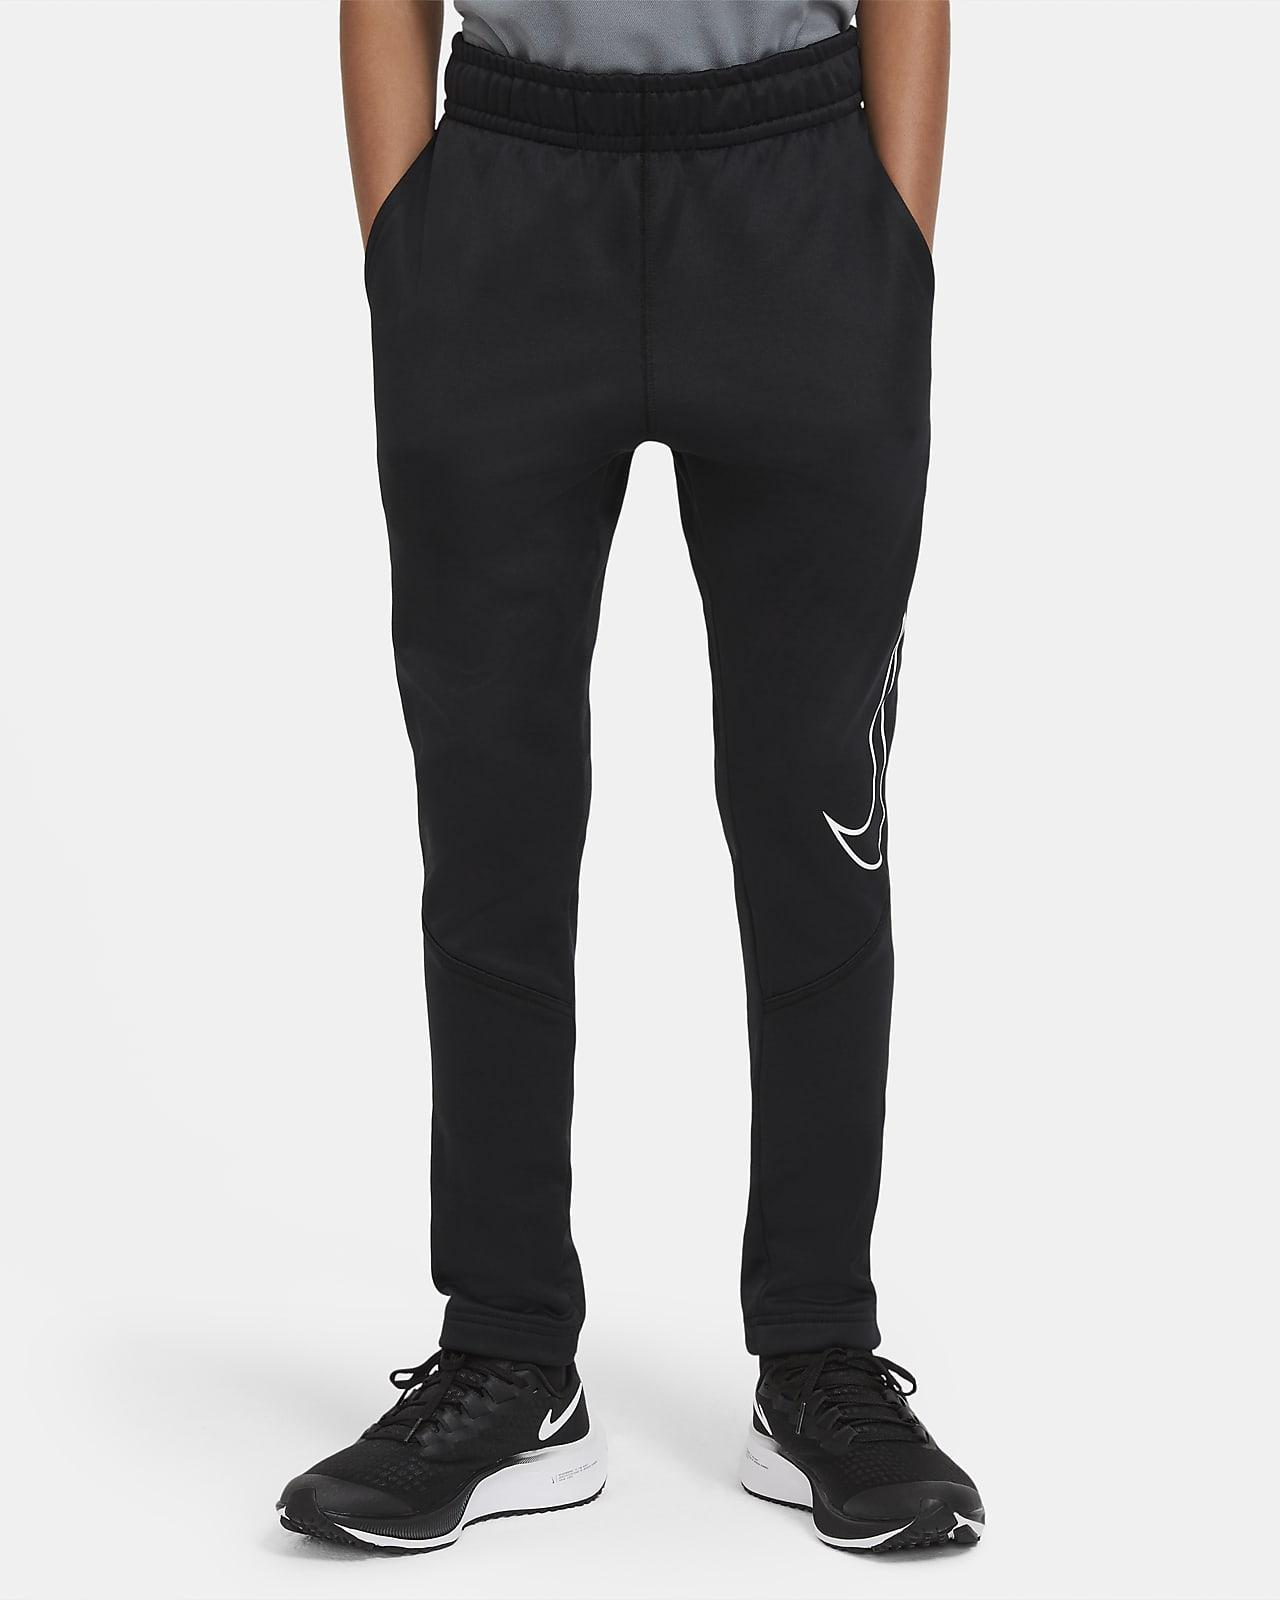 Spodnie treningowe o zwężanym kroju z nadrukiem dla dużych dzieci (chłopców) Nike Therma